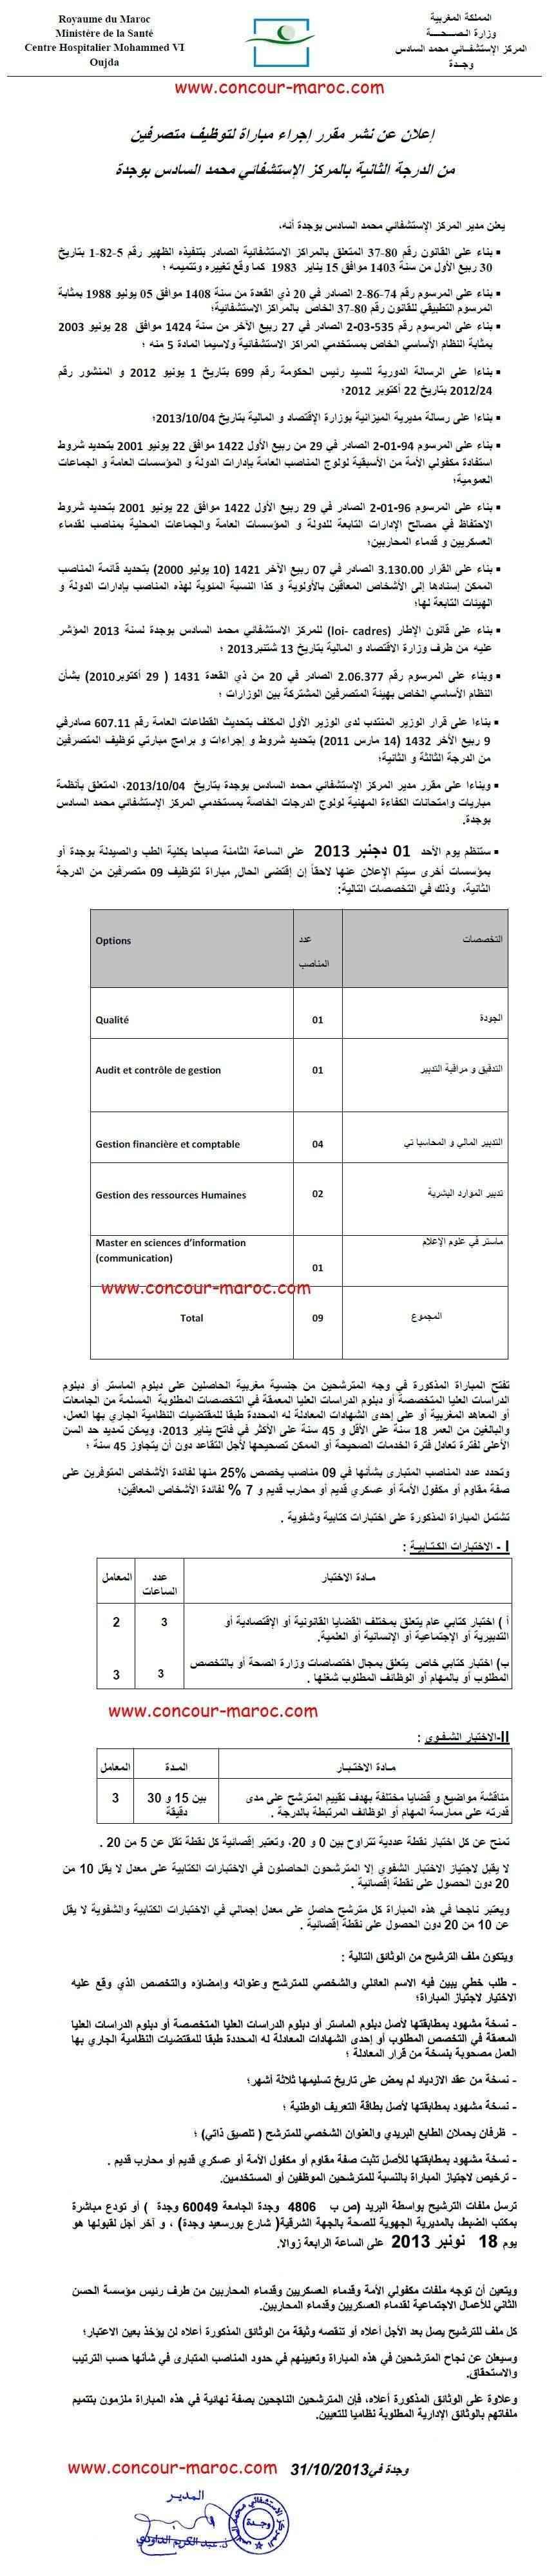 المركز الاستشفائي محمد السادس بوجدة : مباراة لتوظيف تقني من الدرجة الثالثة و الرابعة (83 منصب) آخر أجل لإيداع الترشيحات 18 نونبر 2013 Concou24